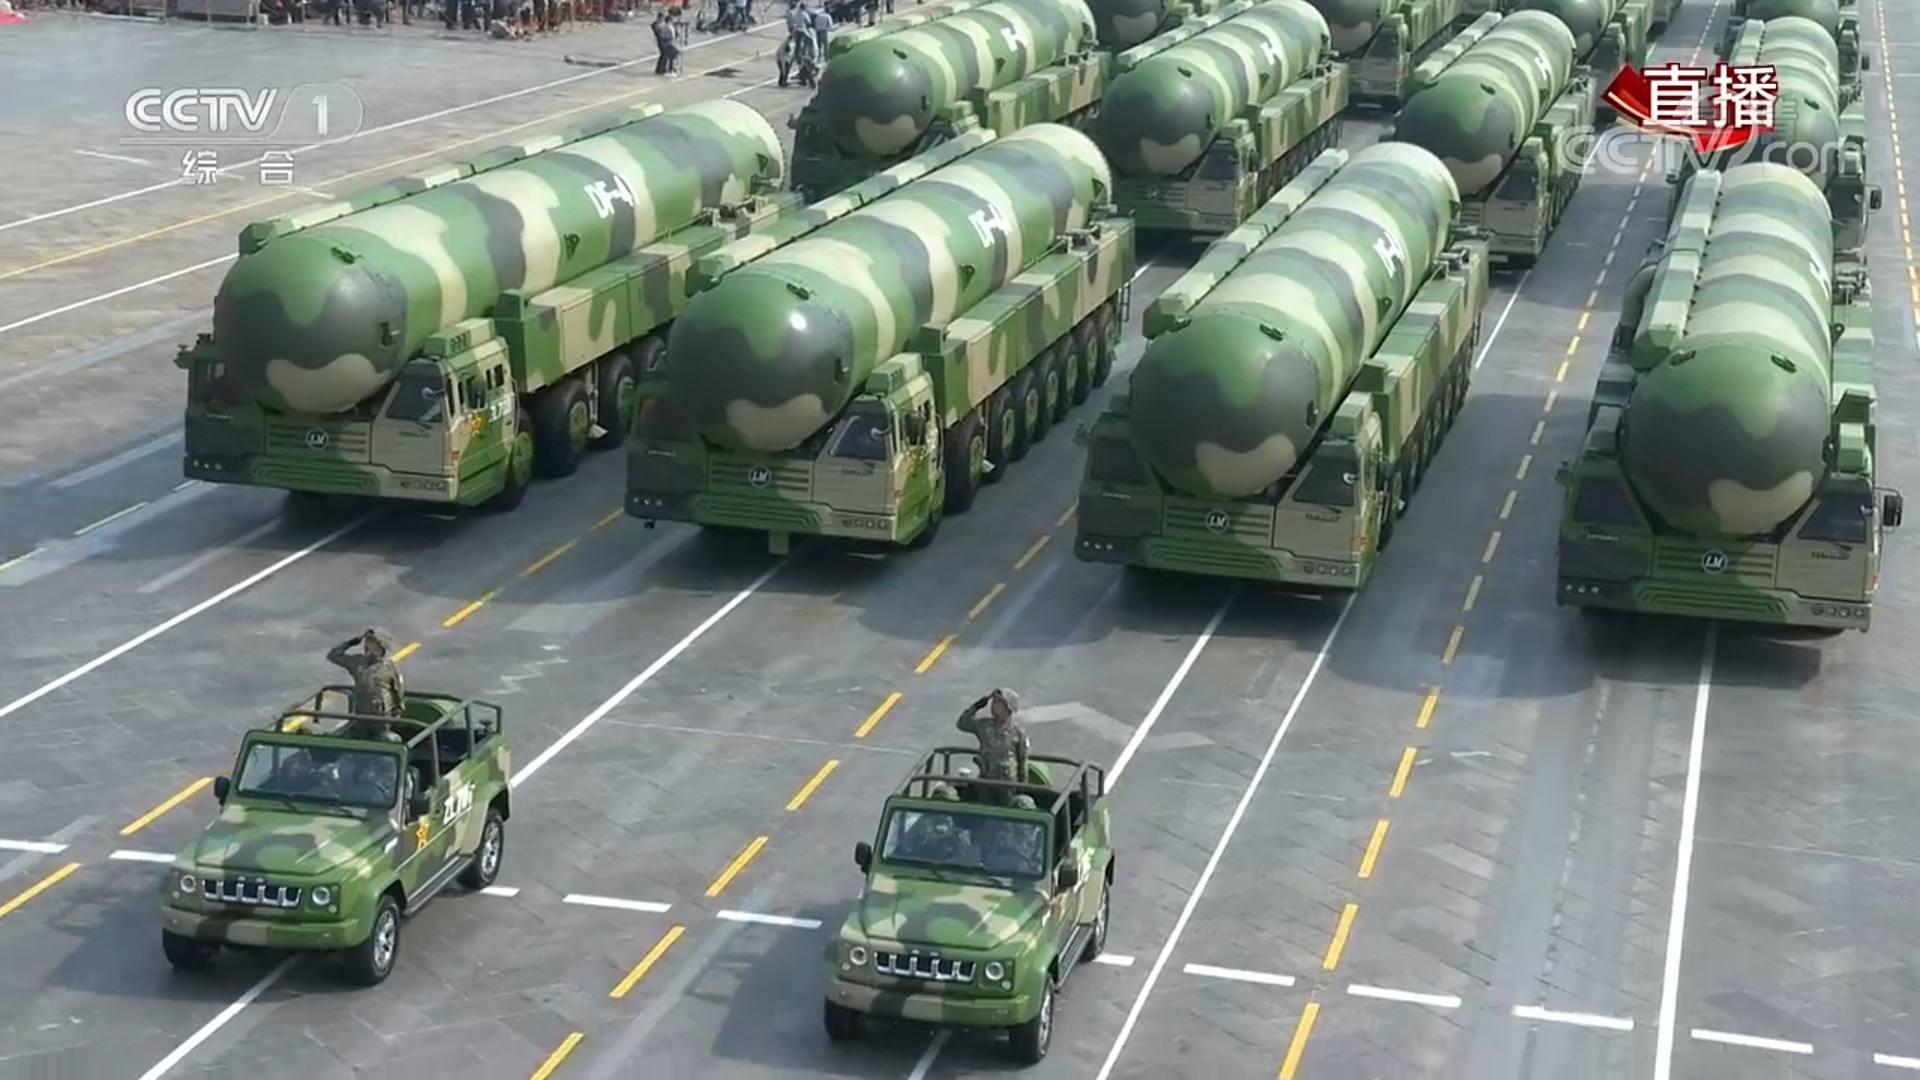 东风-17进驻福建广东 台媒:主要目标在于威慑